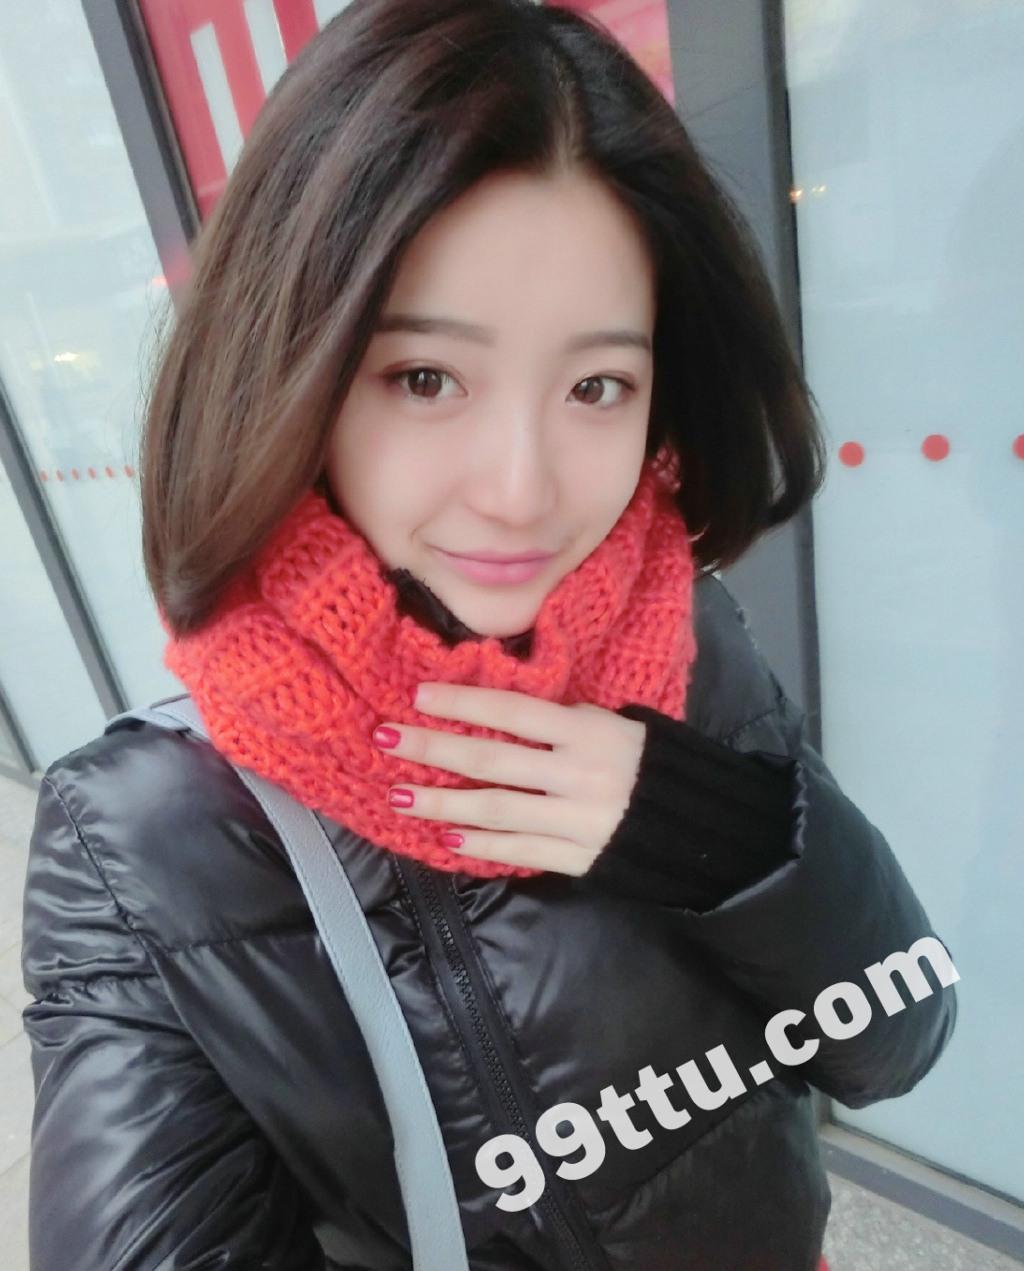 KK57_168张 超真实美女青春女生照片组生活照-14